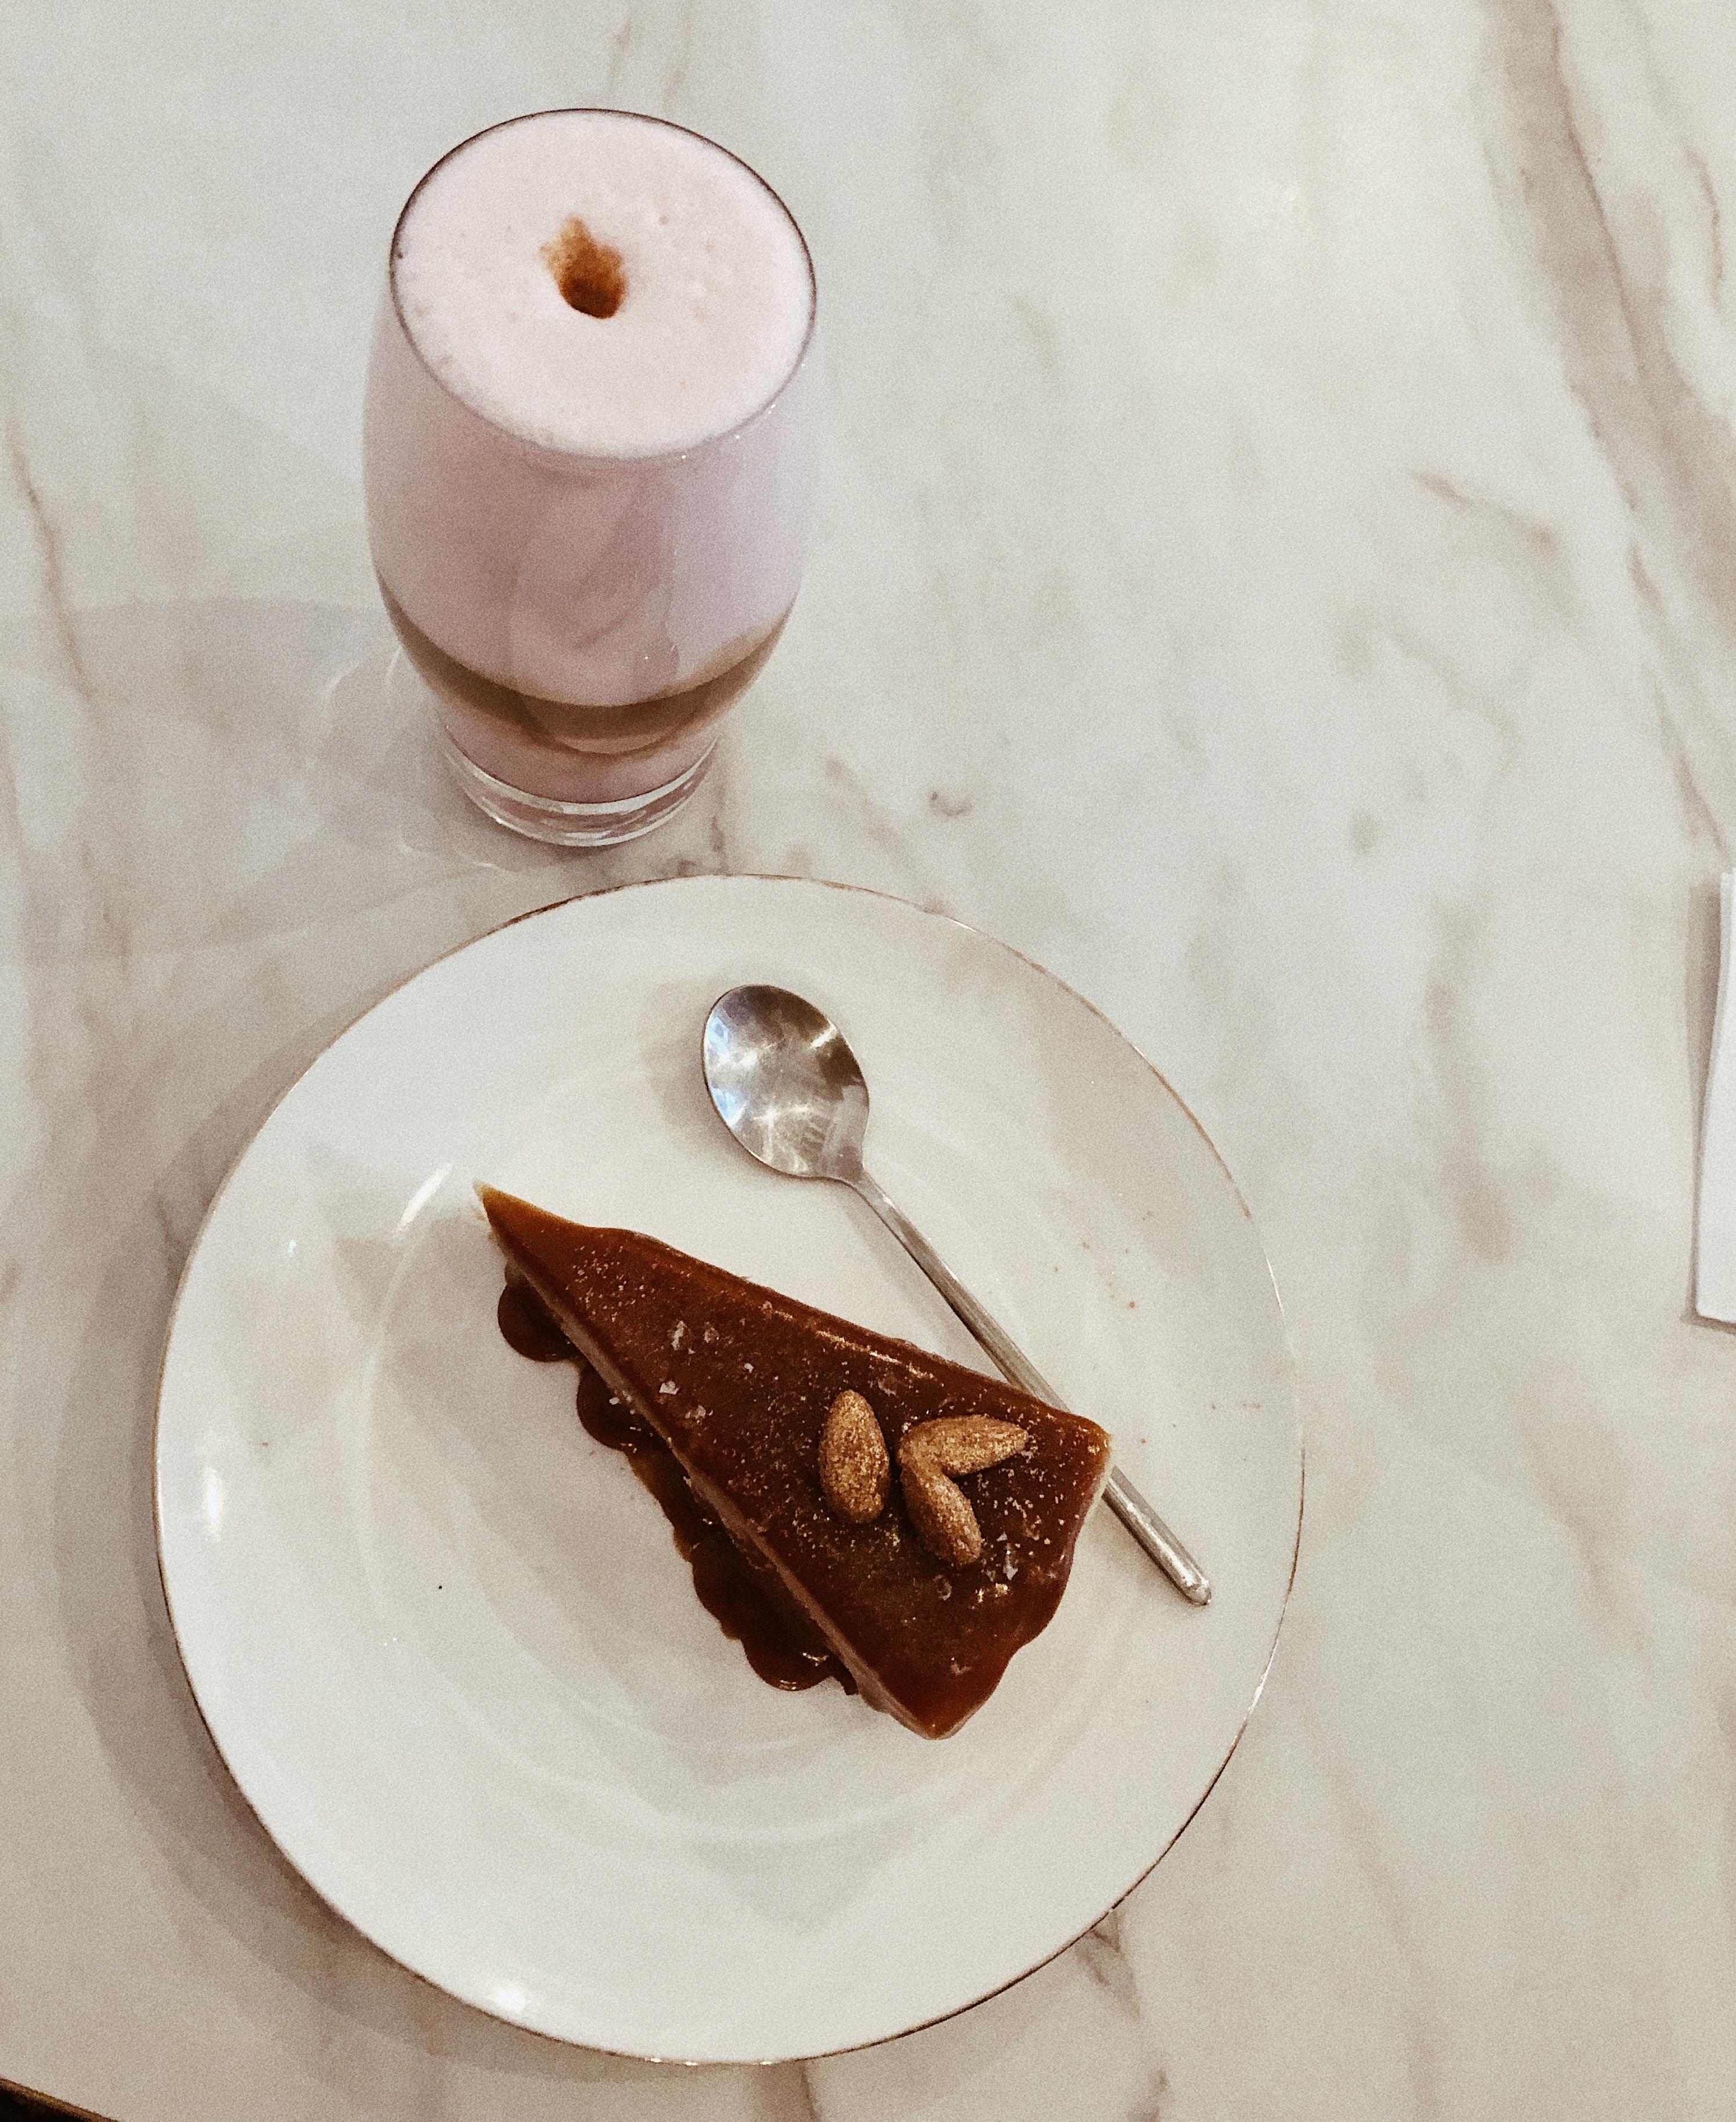 różane latte macchiato